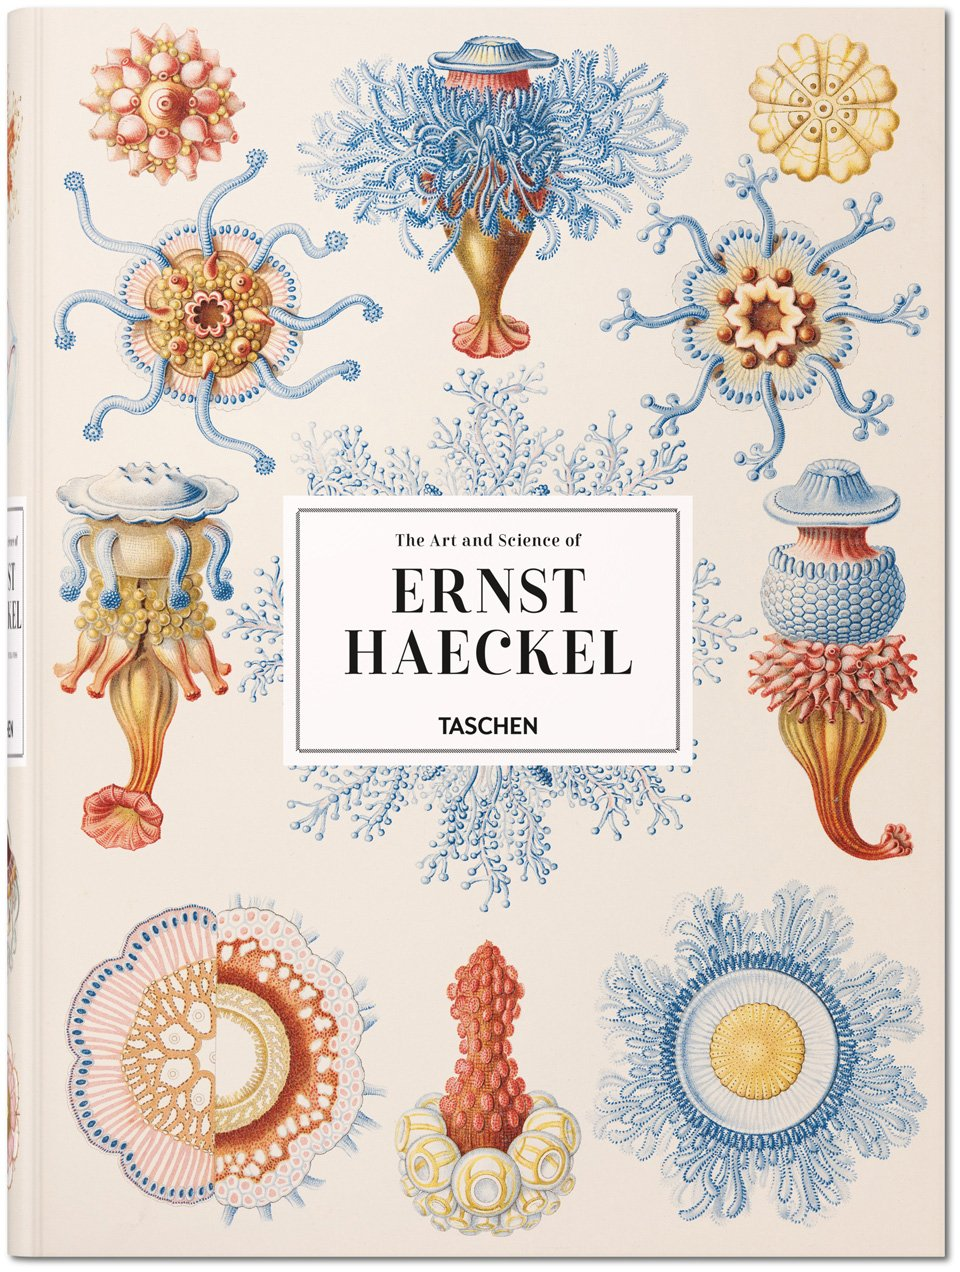 Kunst und Wissenschaft Ernst Haeckels | Rainer Willmann, Julia Voss | Taschen Verlag